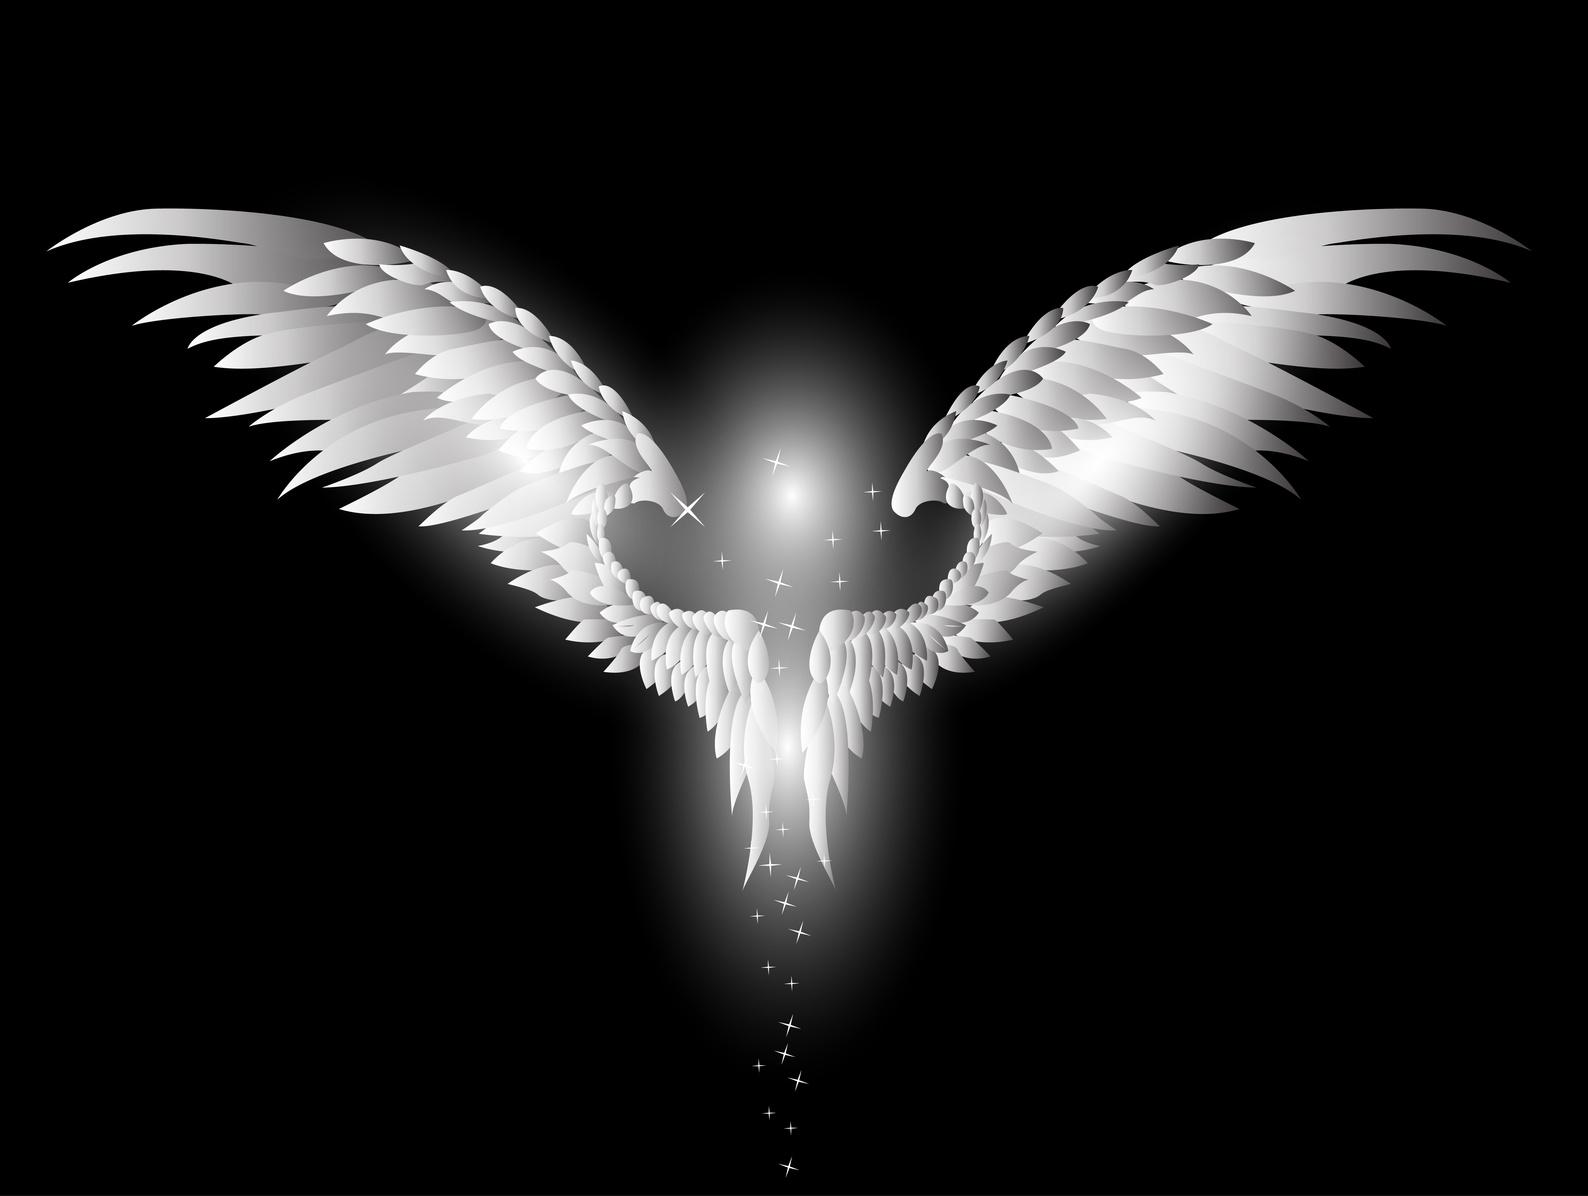 Ange gardien conna tre son ange gardien et le contacter - Dessin d ange gardien ...